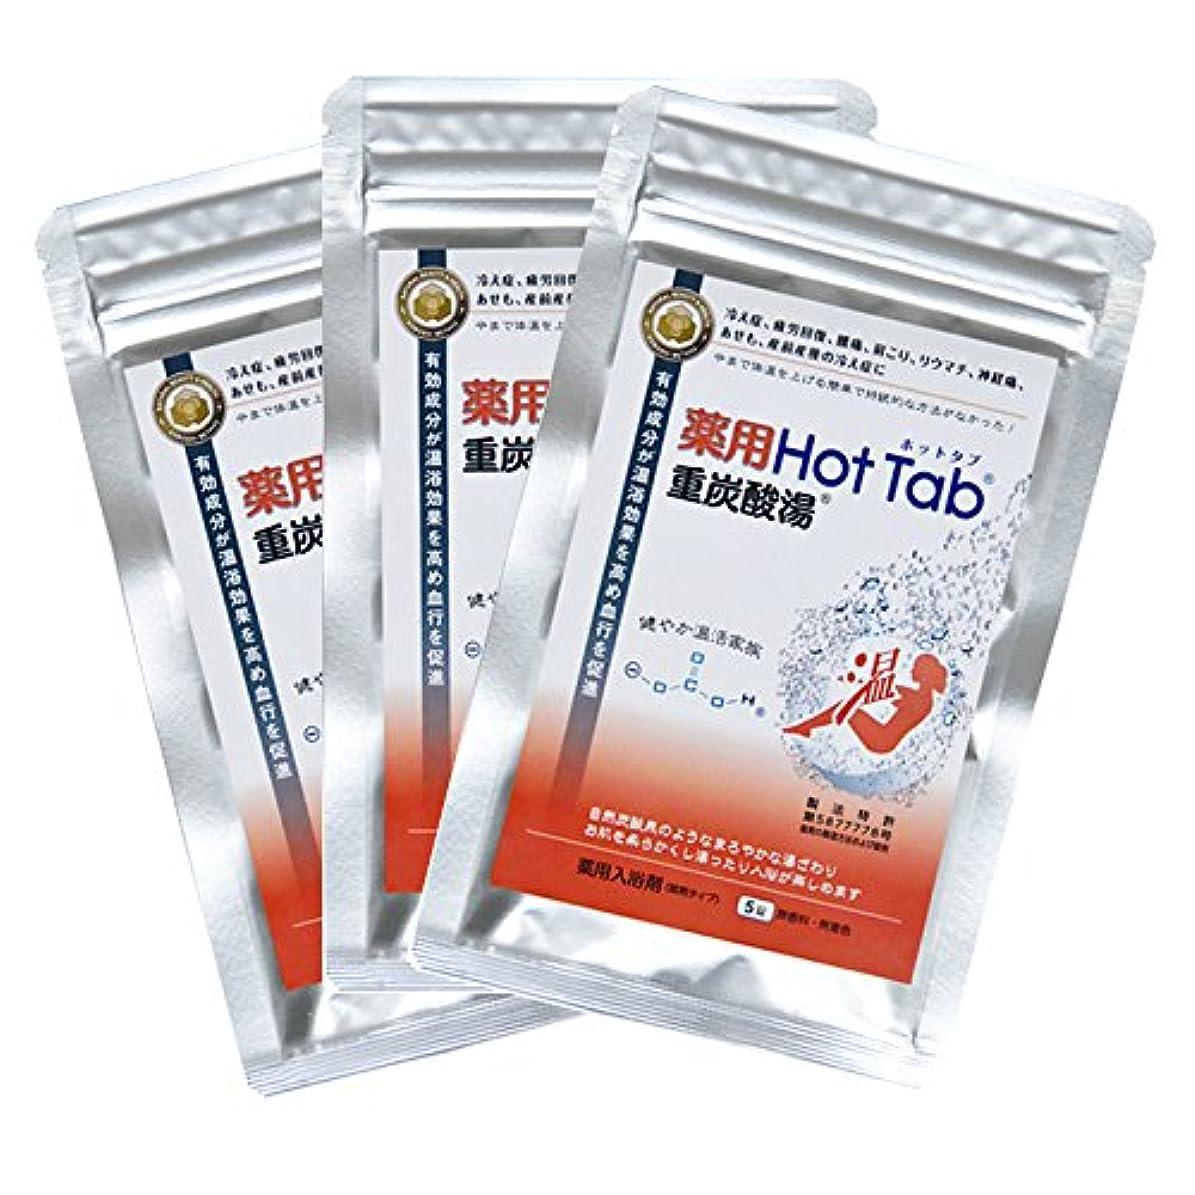 セットアップ資料に対して薬用 Hot Tab 重炭酸湯 5錠入りx3セット